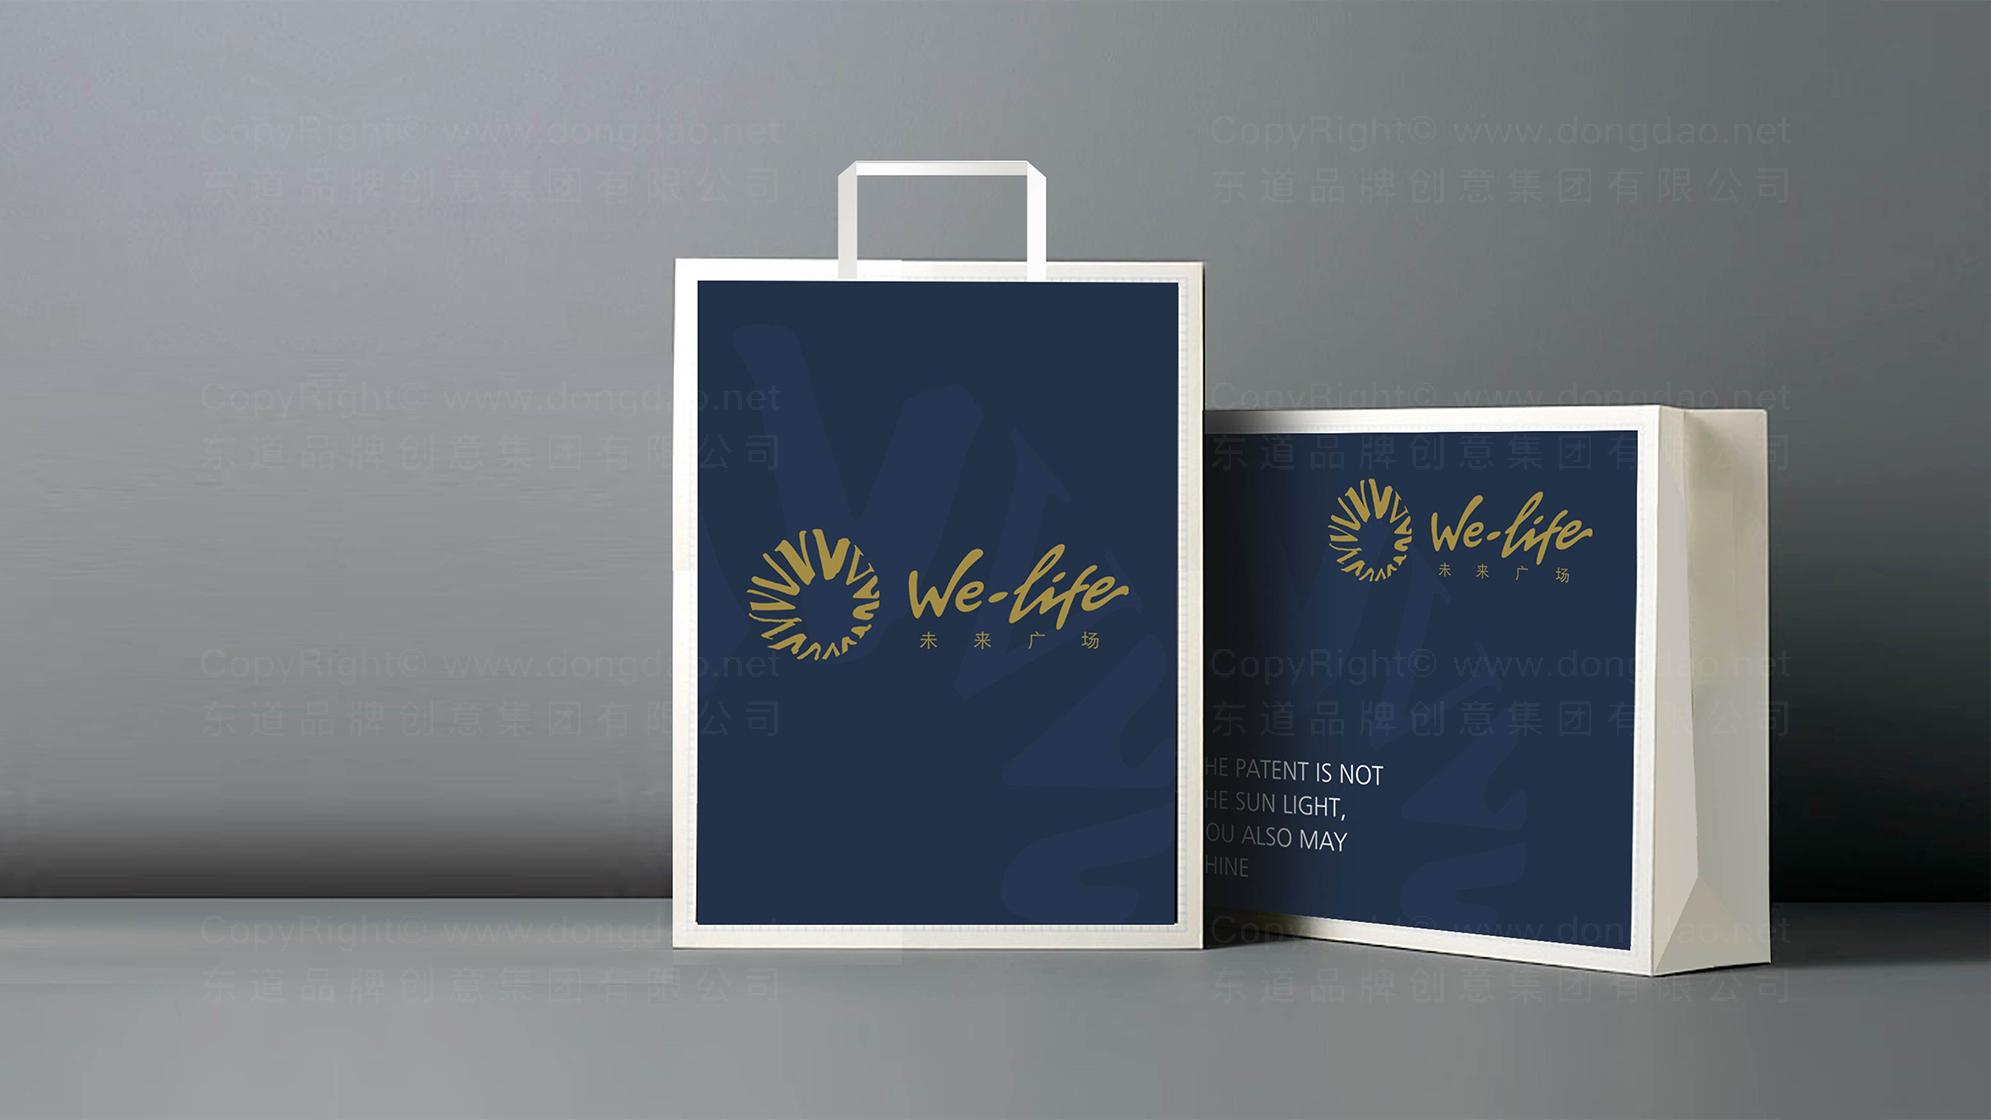 远洋地产公司logo设计、vi设计应用场景_2